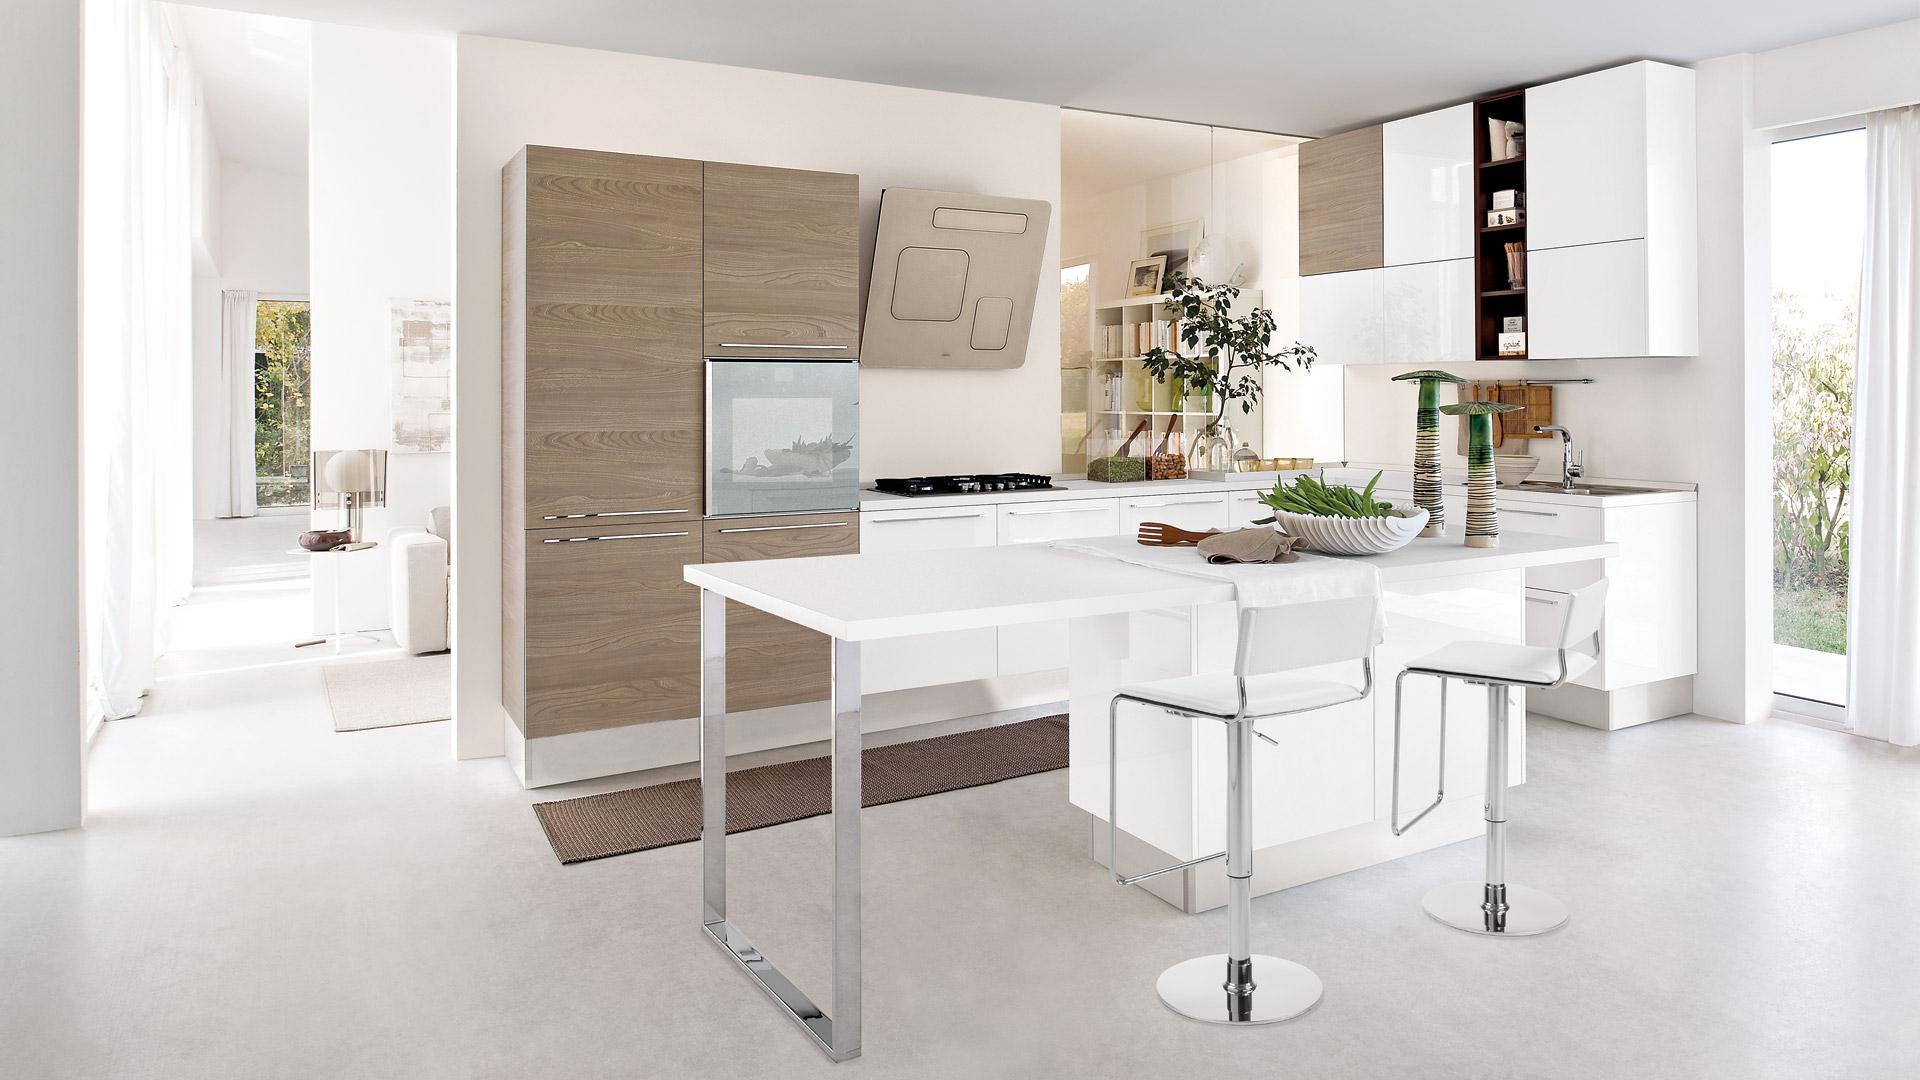 Cucina piccola, 5 consigli per farla sembrare più grande e spaziosa ...